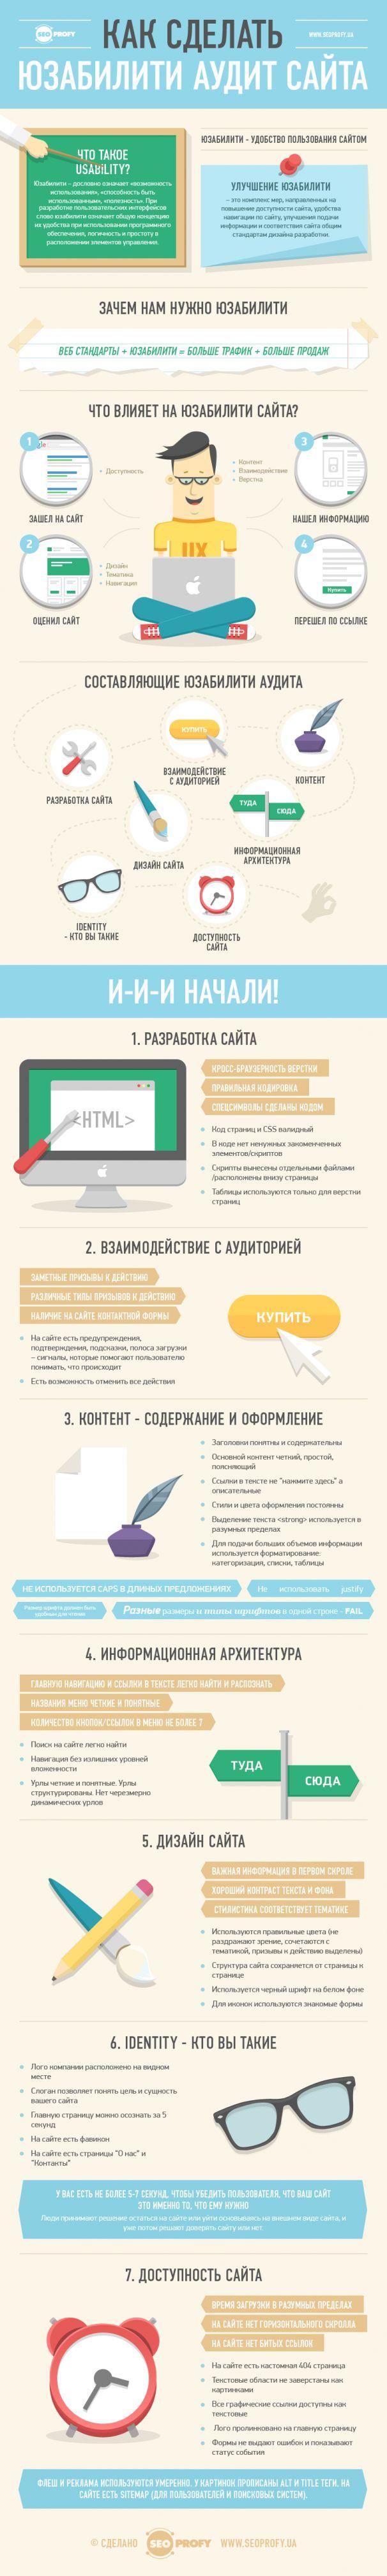 Как сделать юзабилити аудит сайта – инфографика - SeoProfy